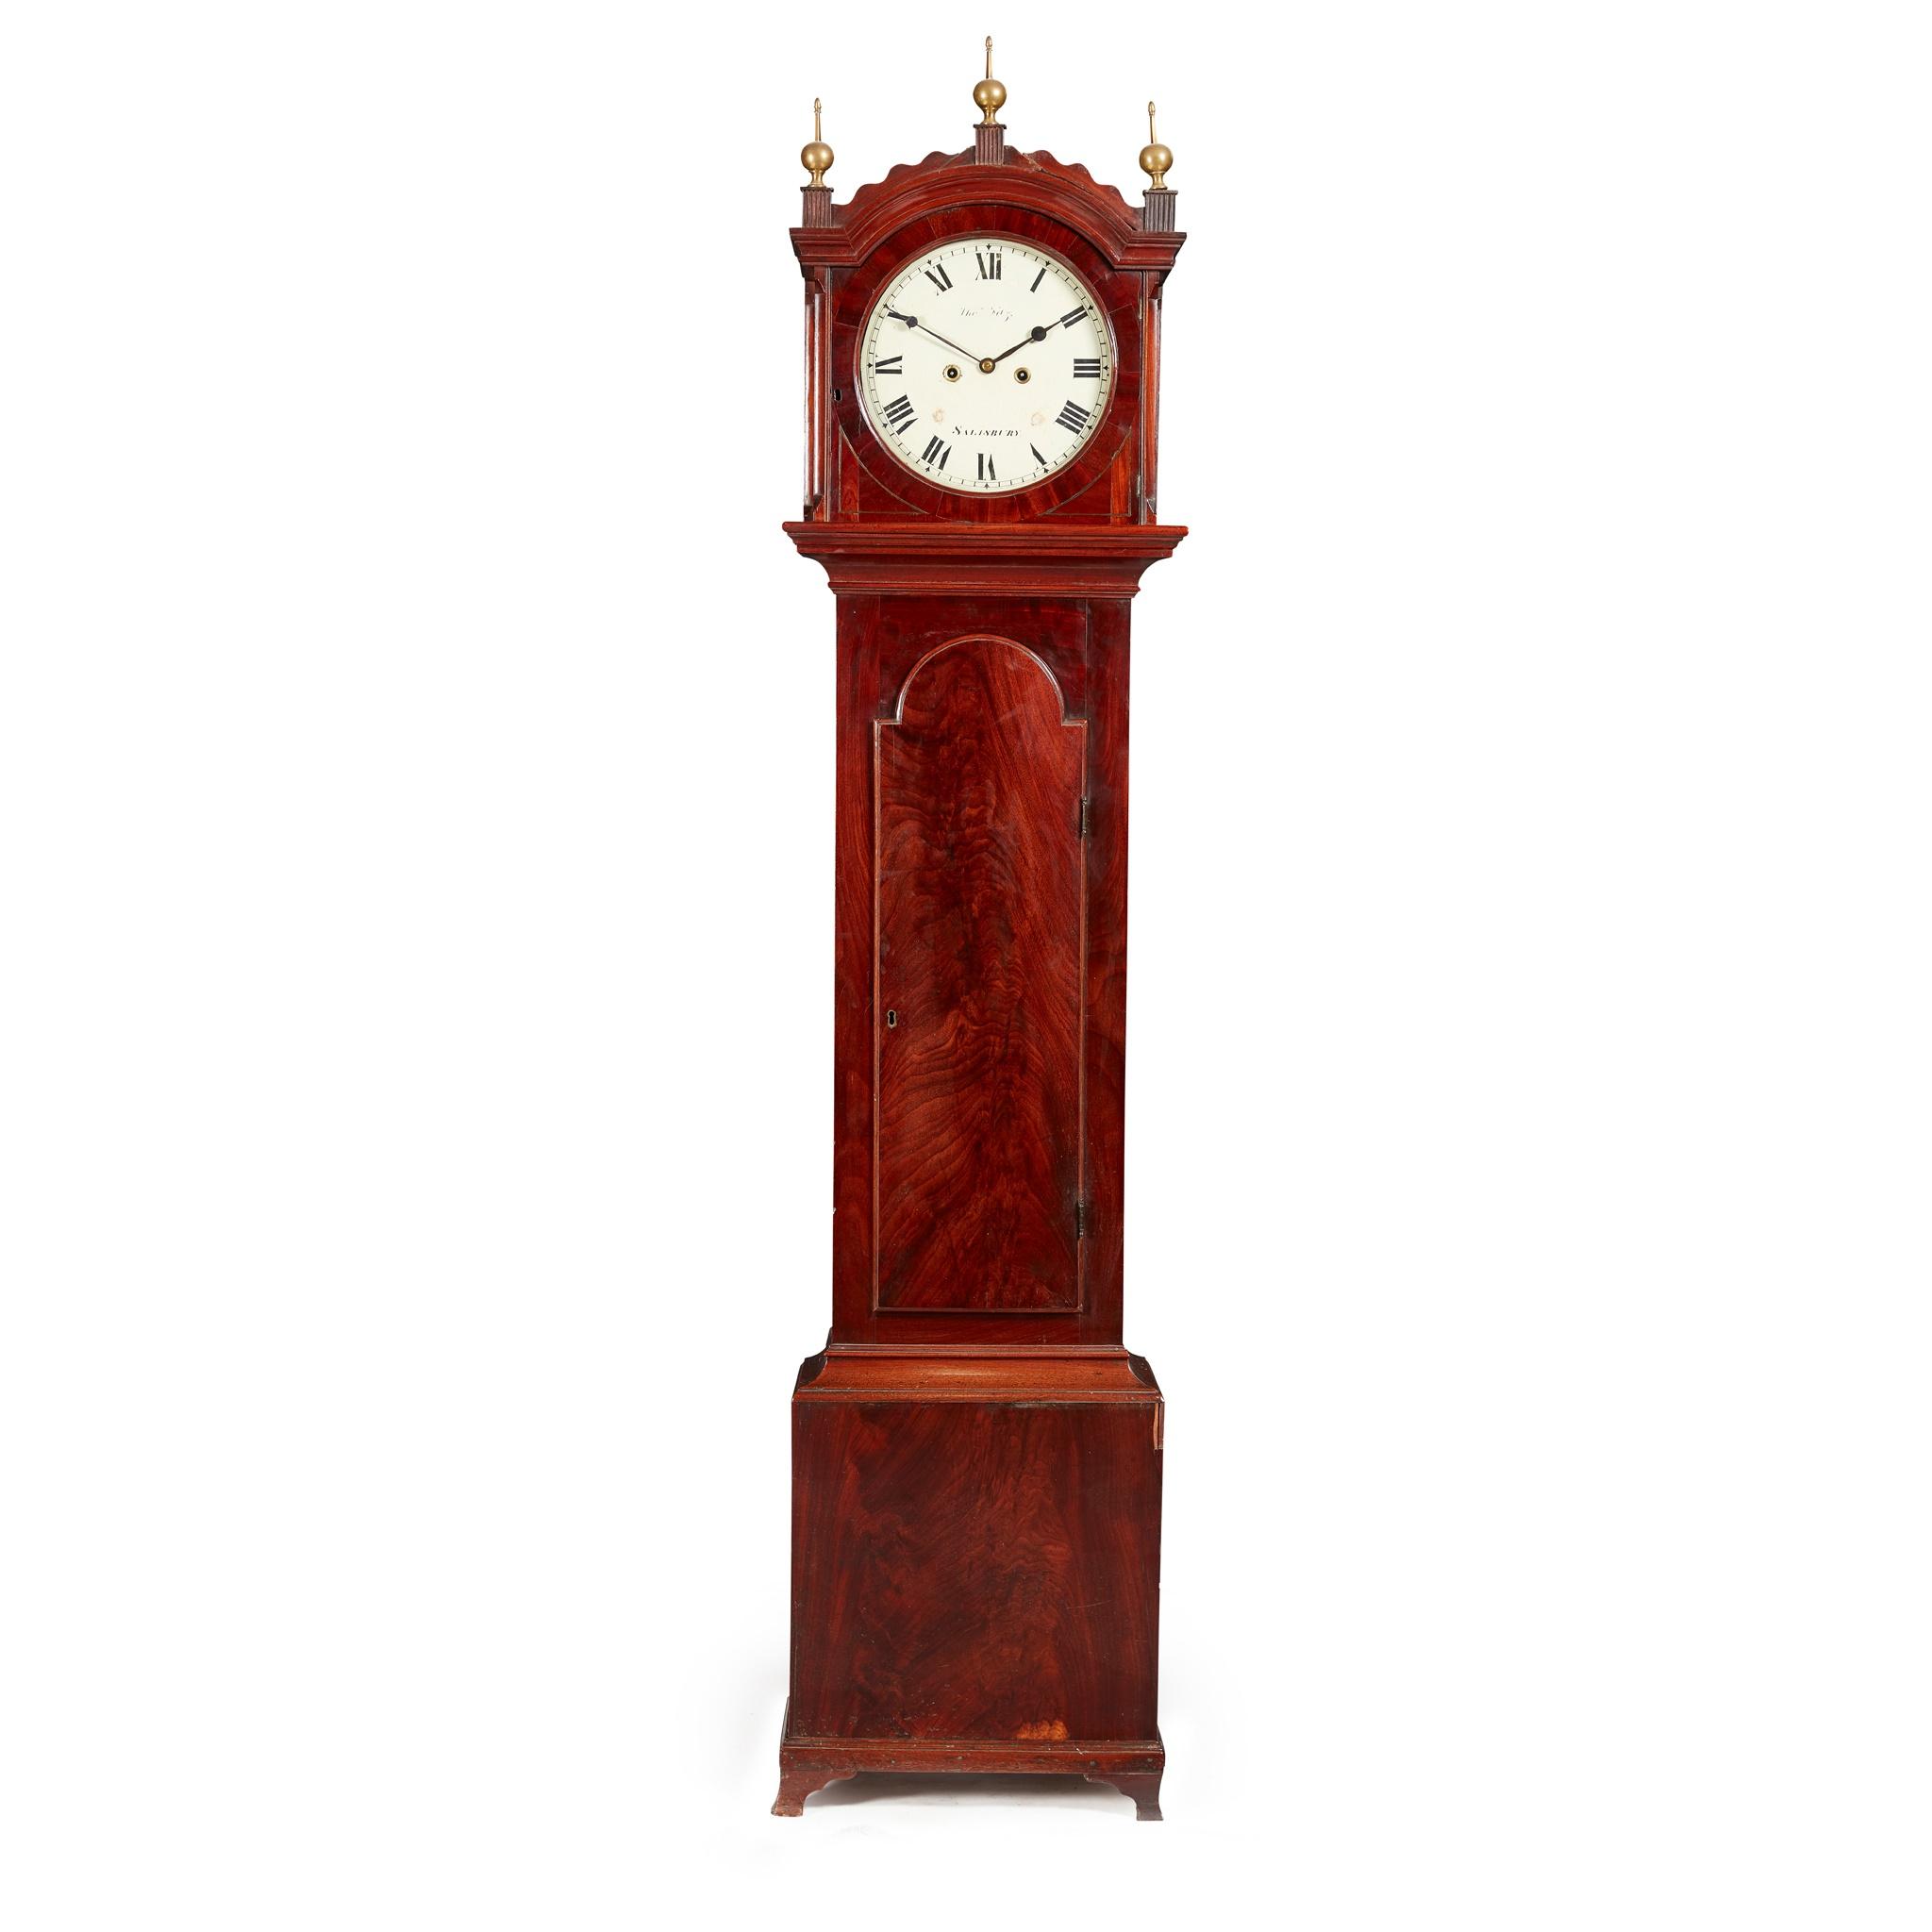 LATE GEORGE III MAHOGANY LONGCASE CLOCK, THOMAS FITZ, SALISBURY EARLY 19TH CENTURY